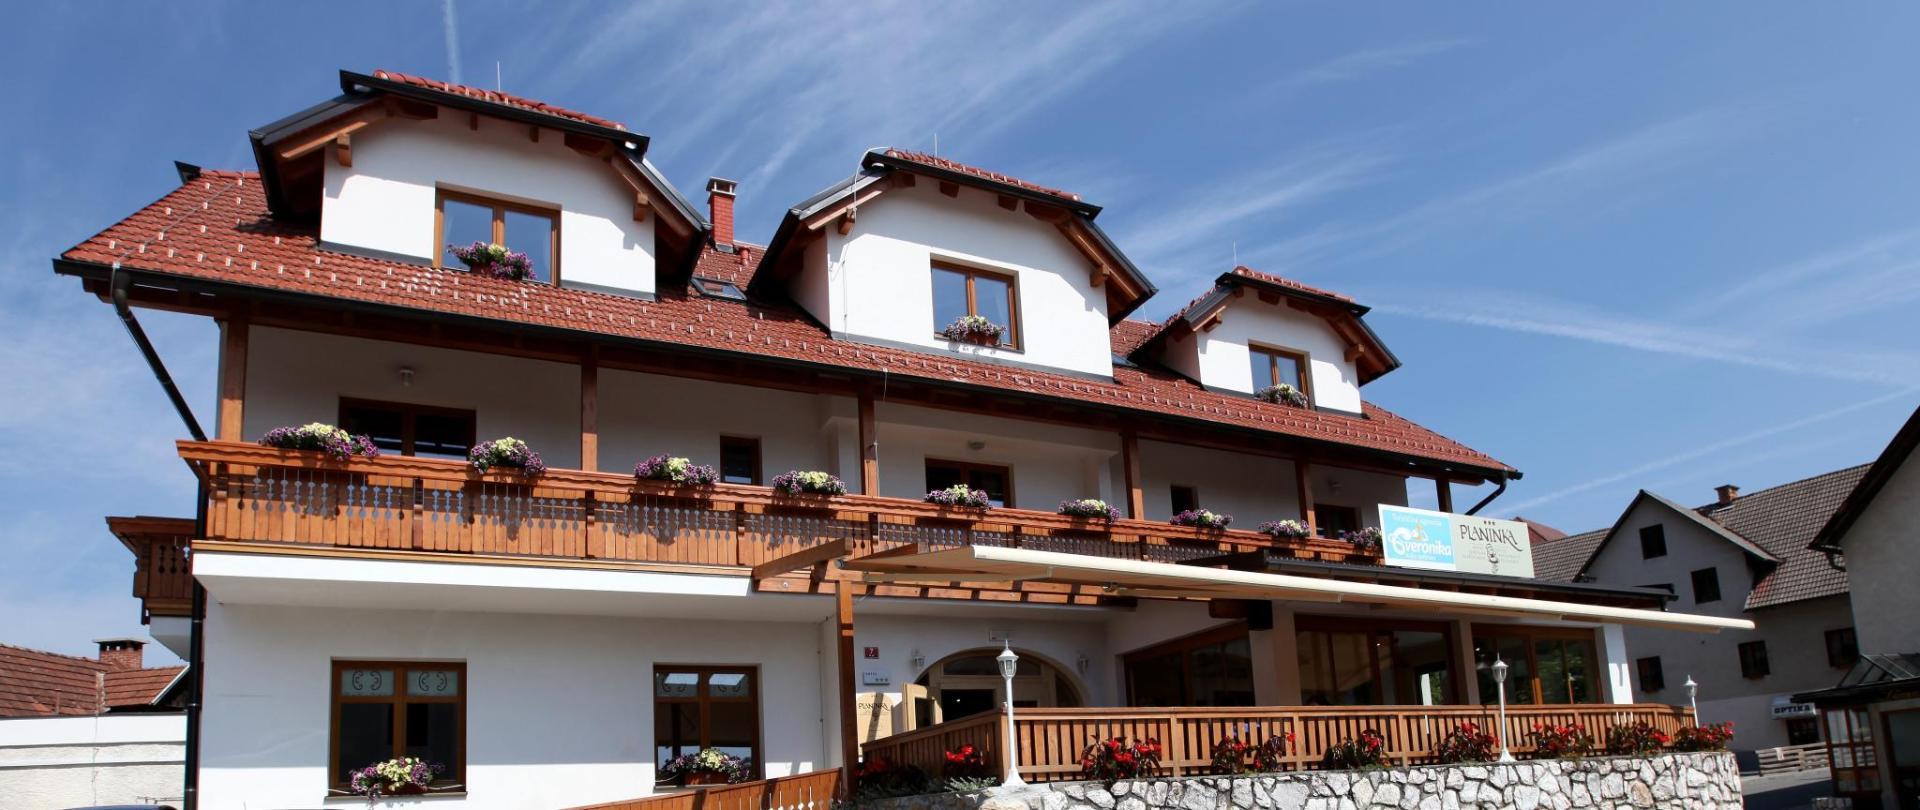 hotel_planinka_zunanjost_poleti.jpg